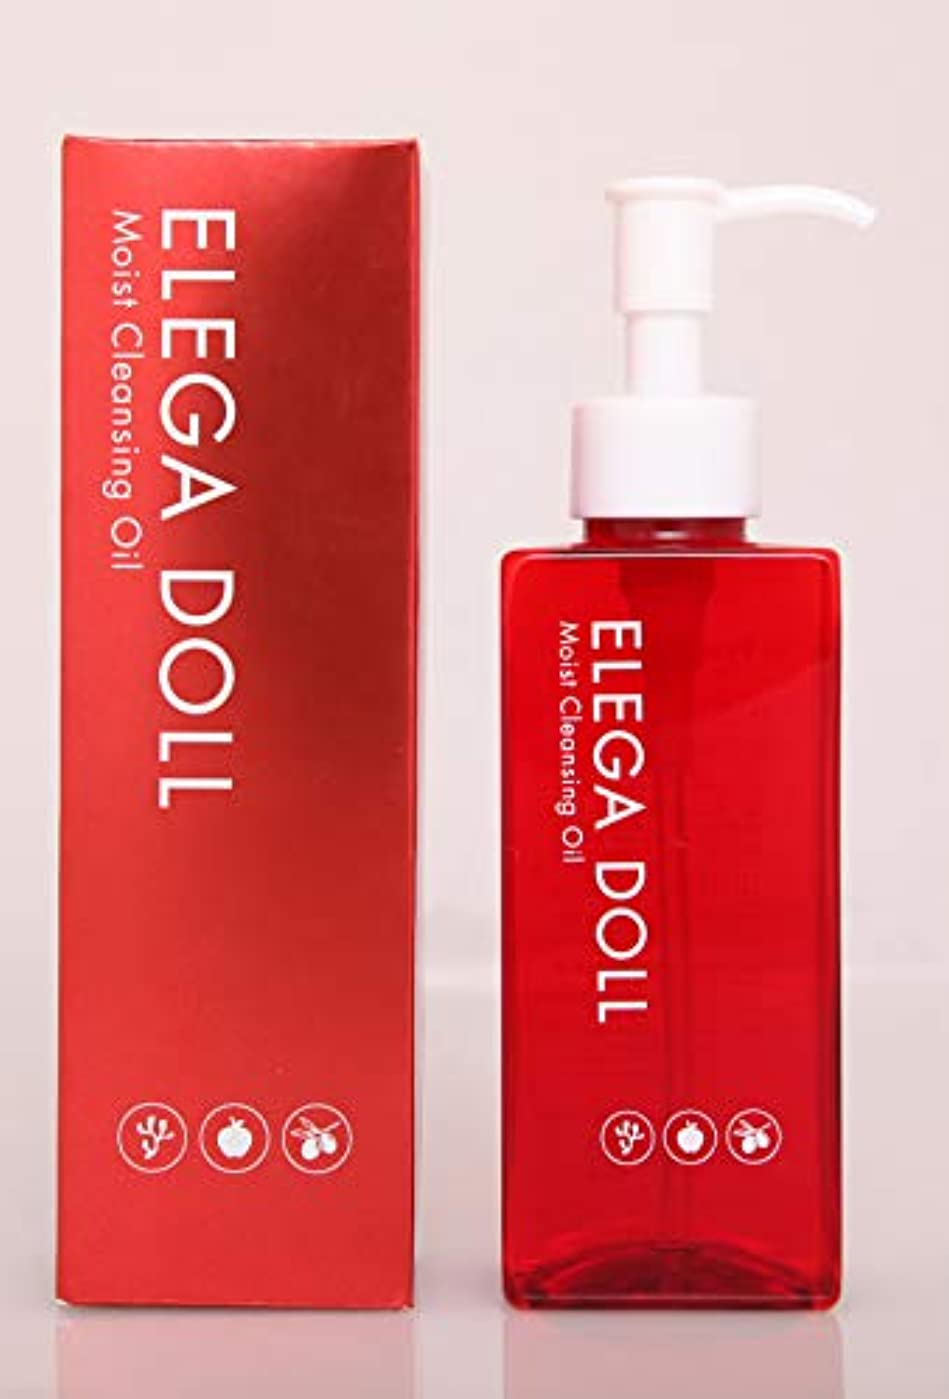 専らスイ教科書ELEGADOLLモイストクレンジングオイル(メイク汚れはもちろん、大気中の汚れ、 お肌に付着した空気中の微粒子までも洗い流すクレンジングオイル)